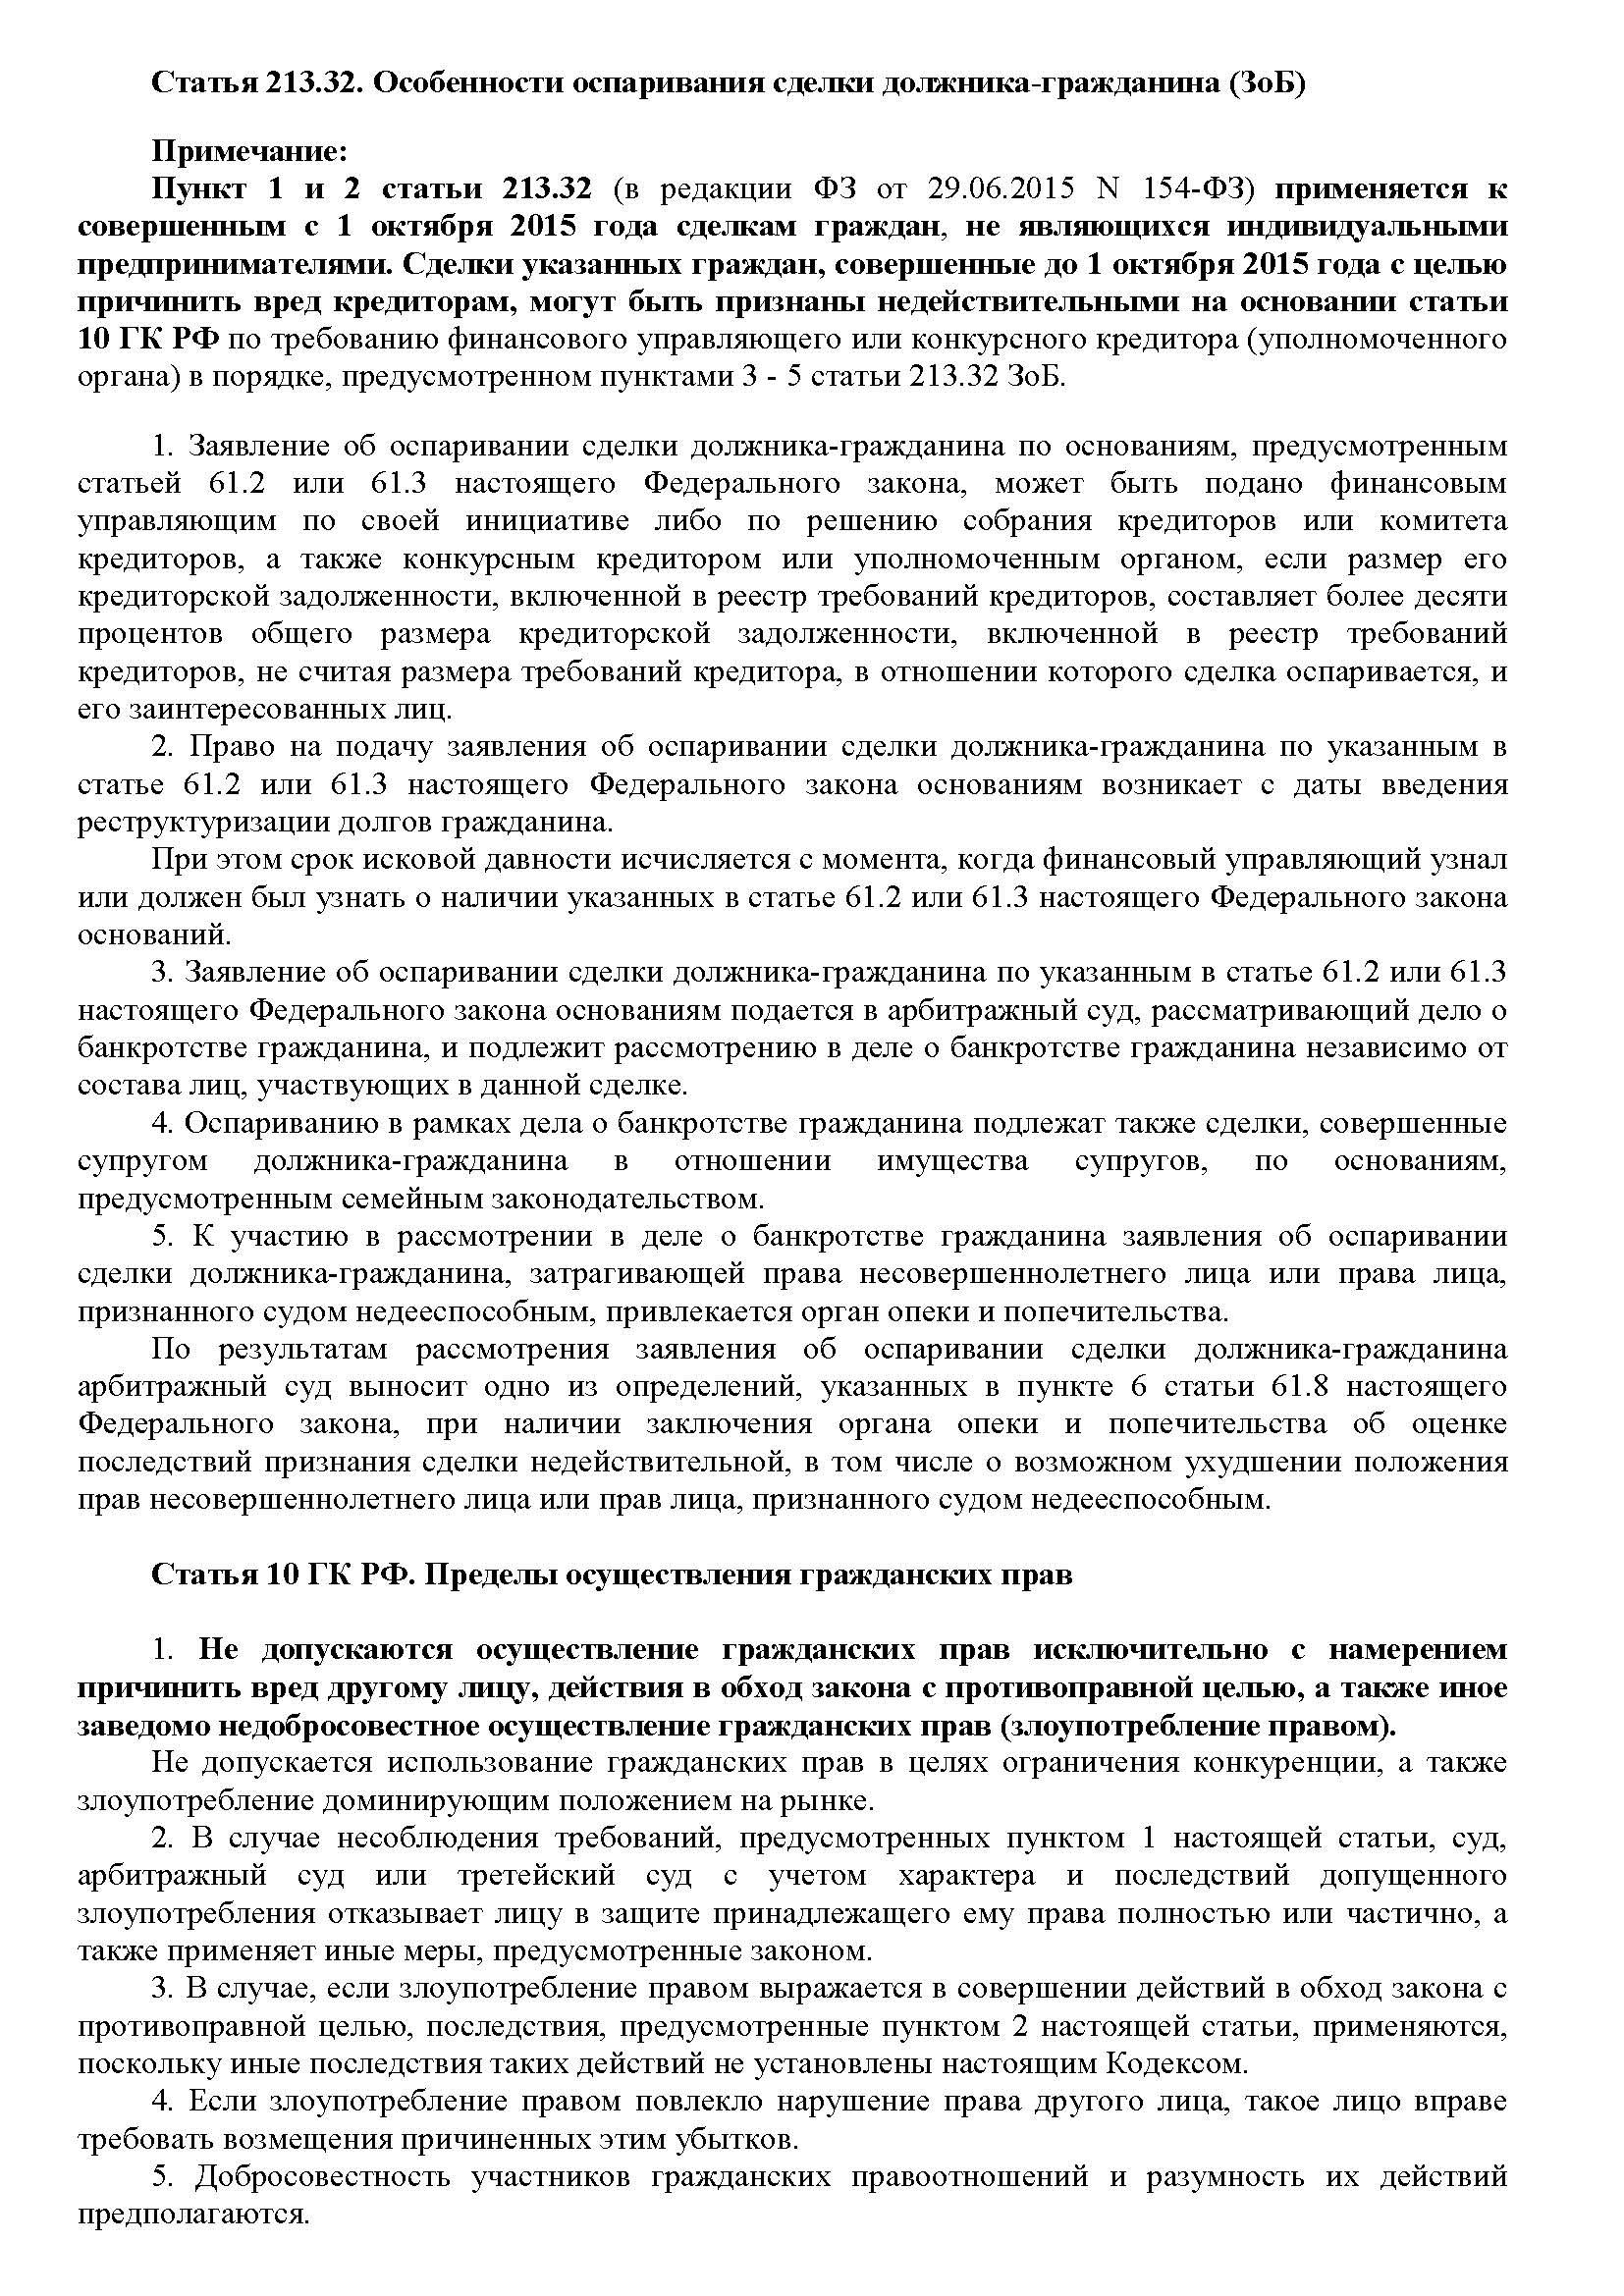 закон о банкротстве статья 10 с комментариями